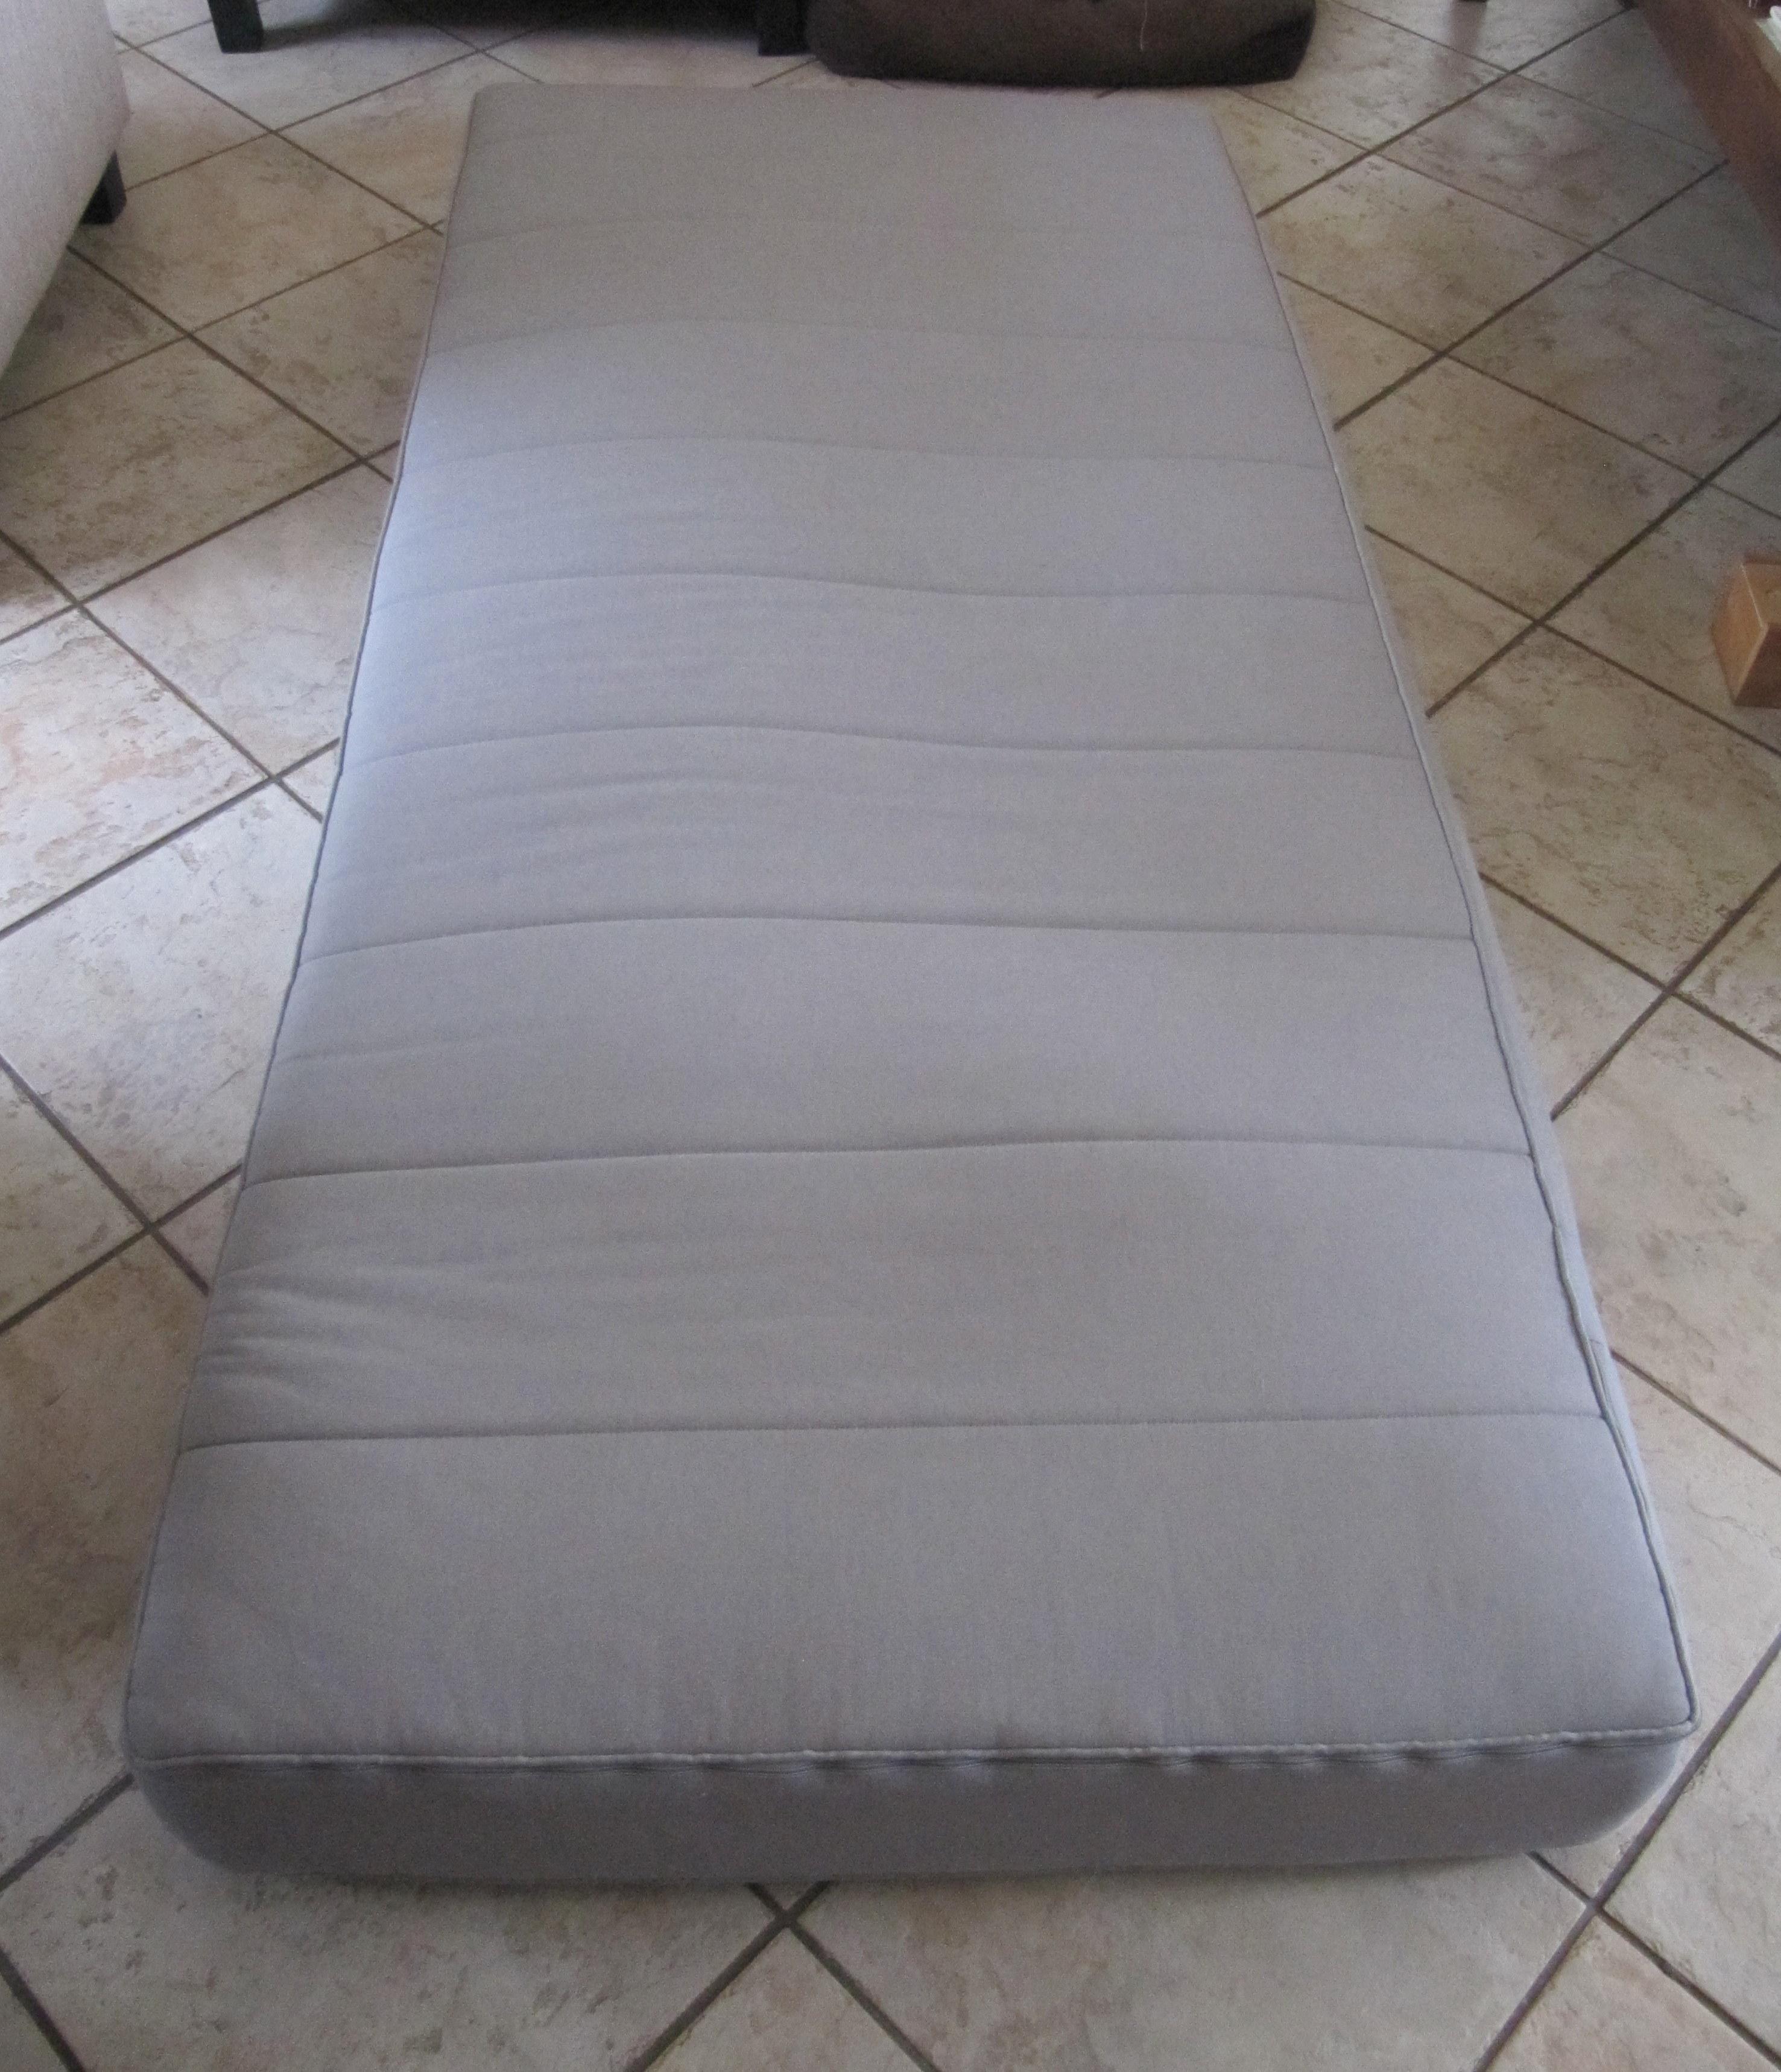 zeer fijne ikea sultan h gbo binnenveringsmatras sen 90x200. Black Bedroom Furniture Sets. Home Design Ideas